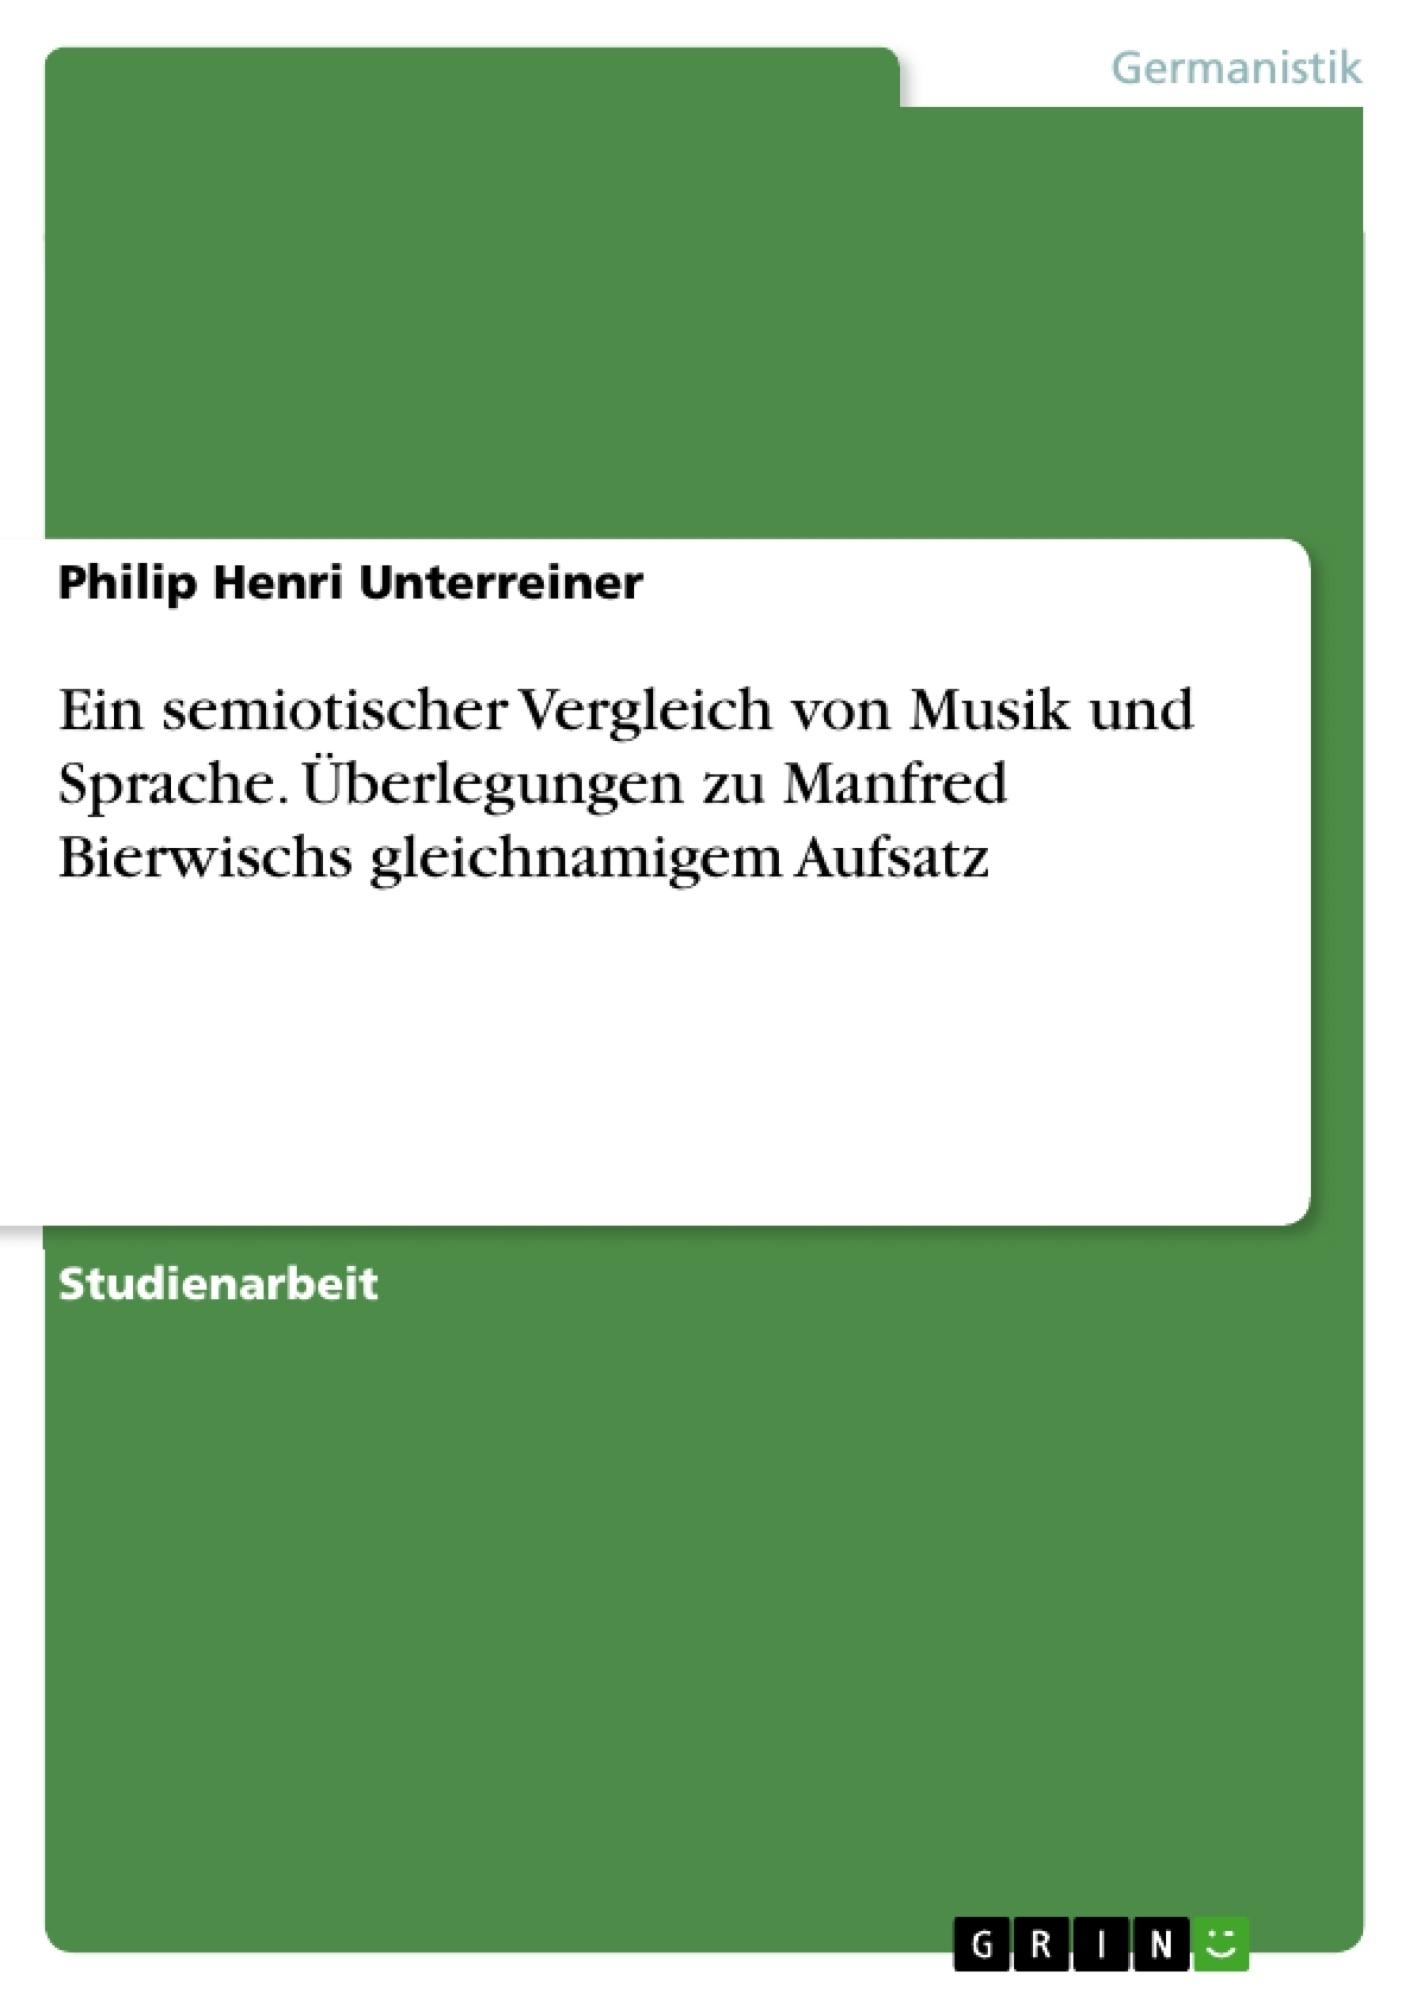 Titel: Ein semiotischer Vergleich von Musik und Sprache. Überlegungen zu Manfred Bierwischs gleichnamigem Aufsatz